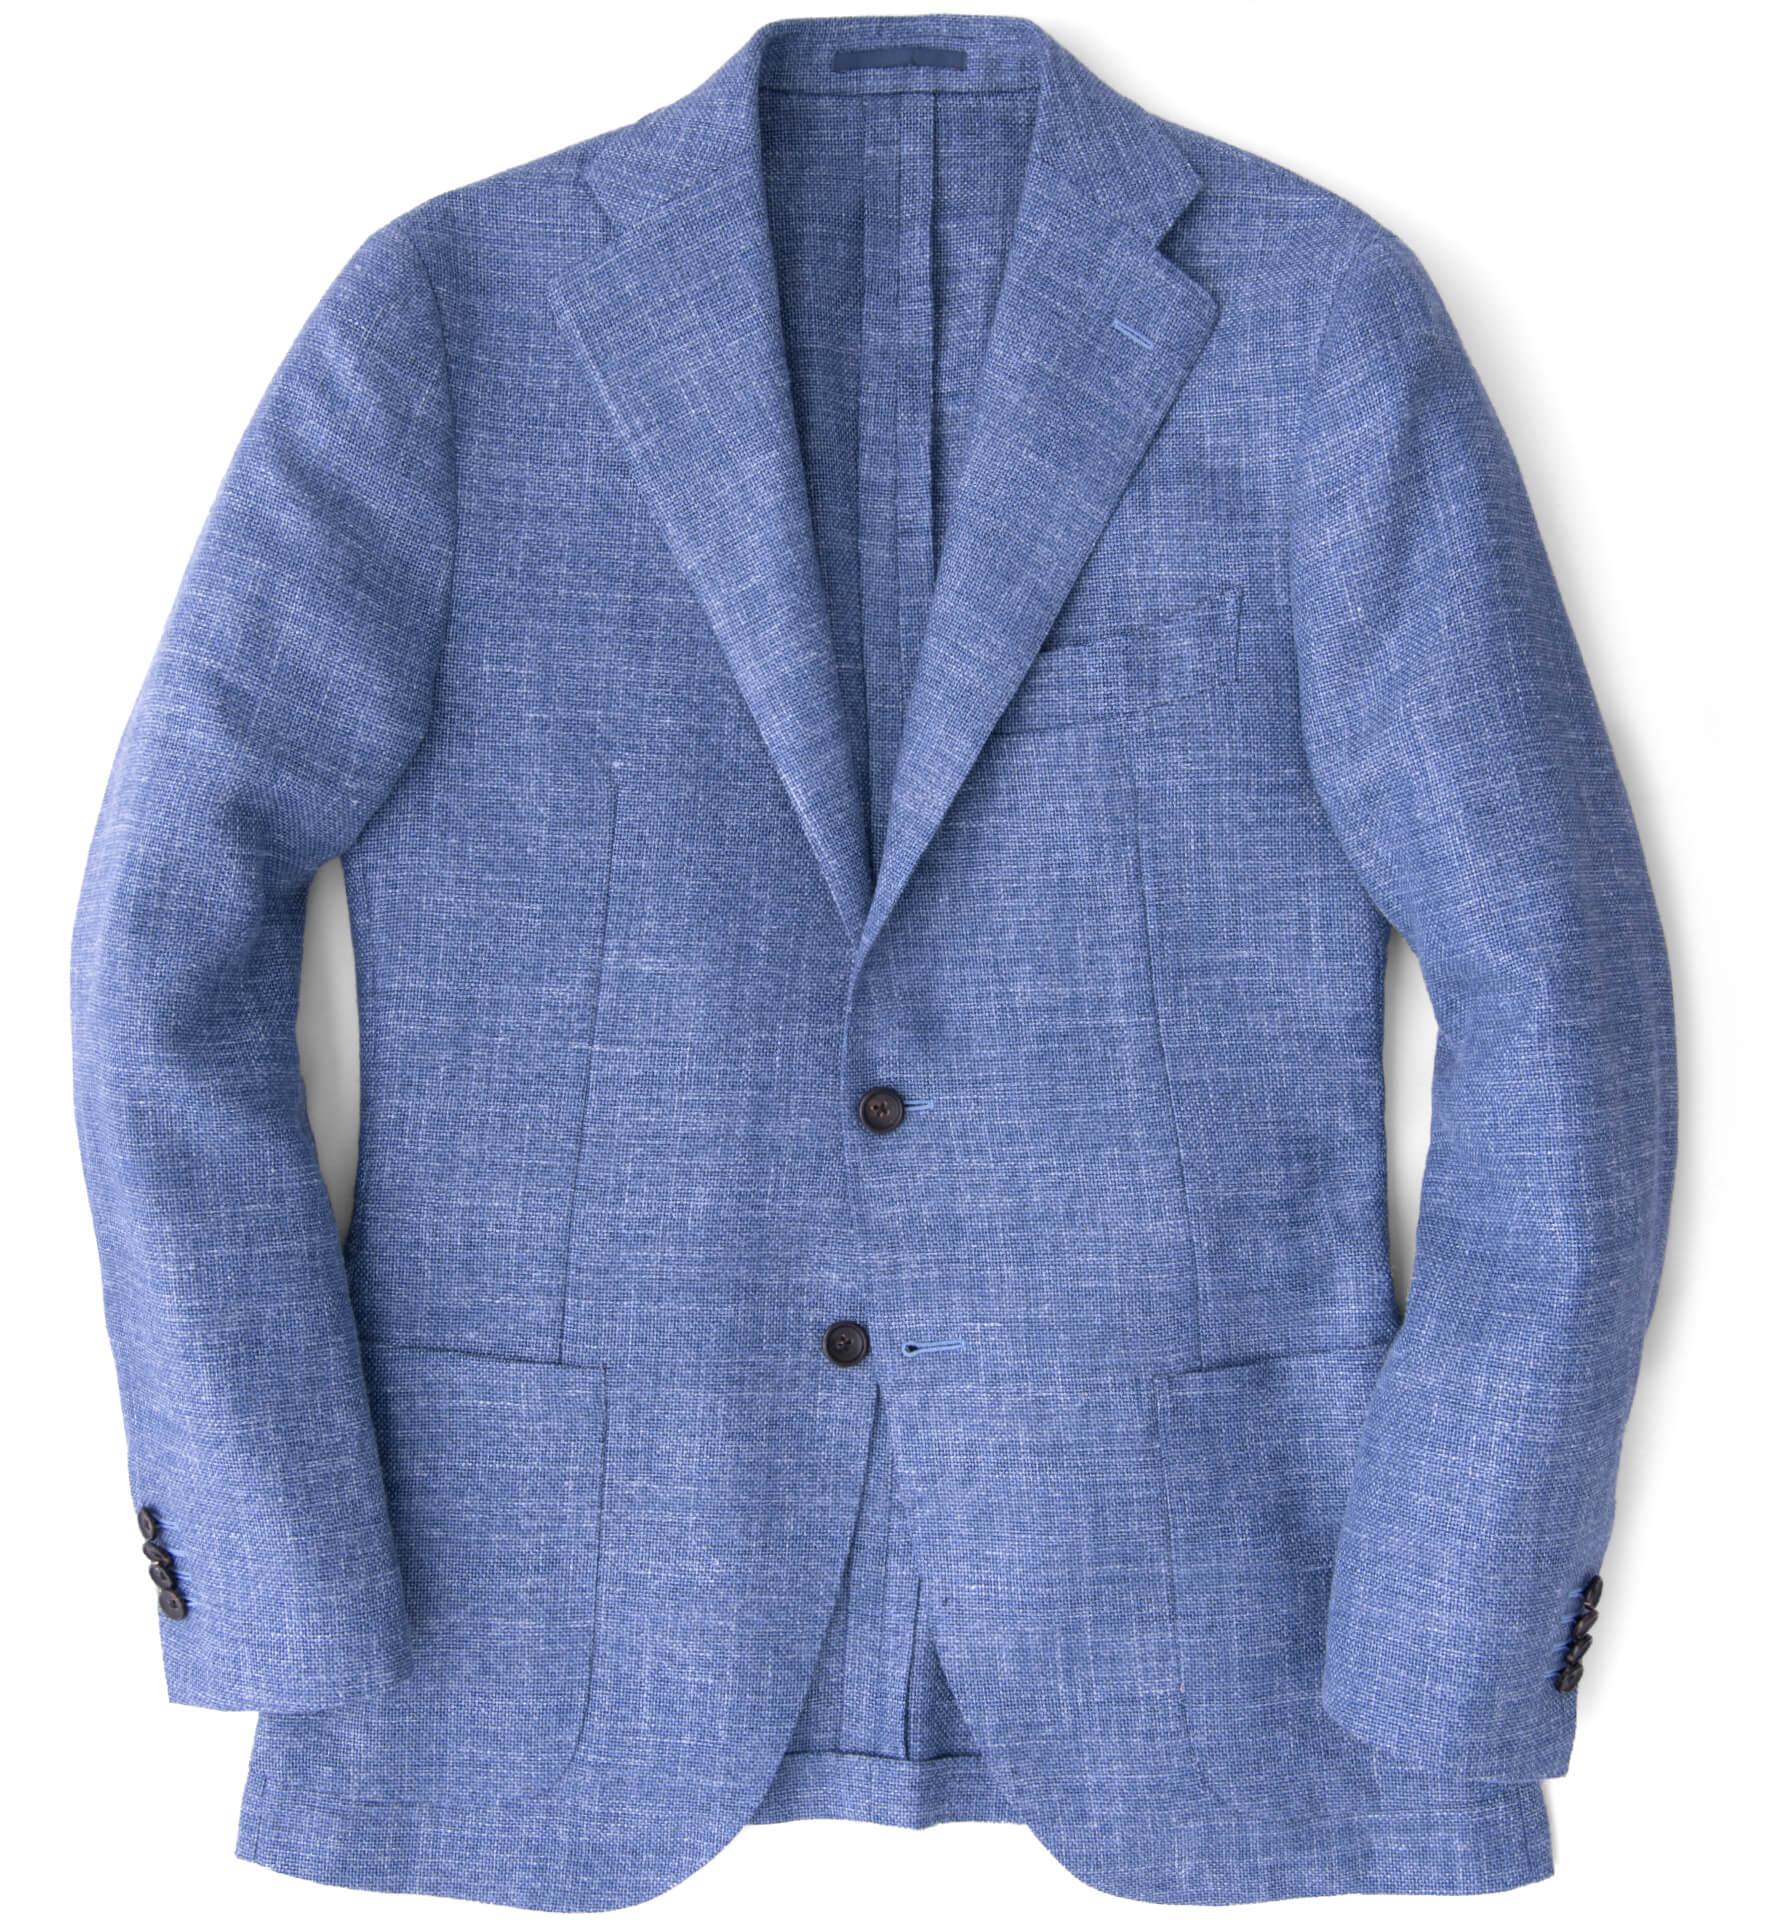 Zoom Image of Hudson Sky Blue Summer Basketweave Jacket